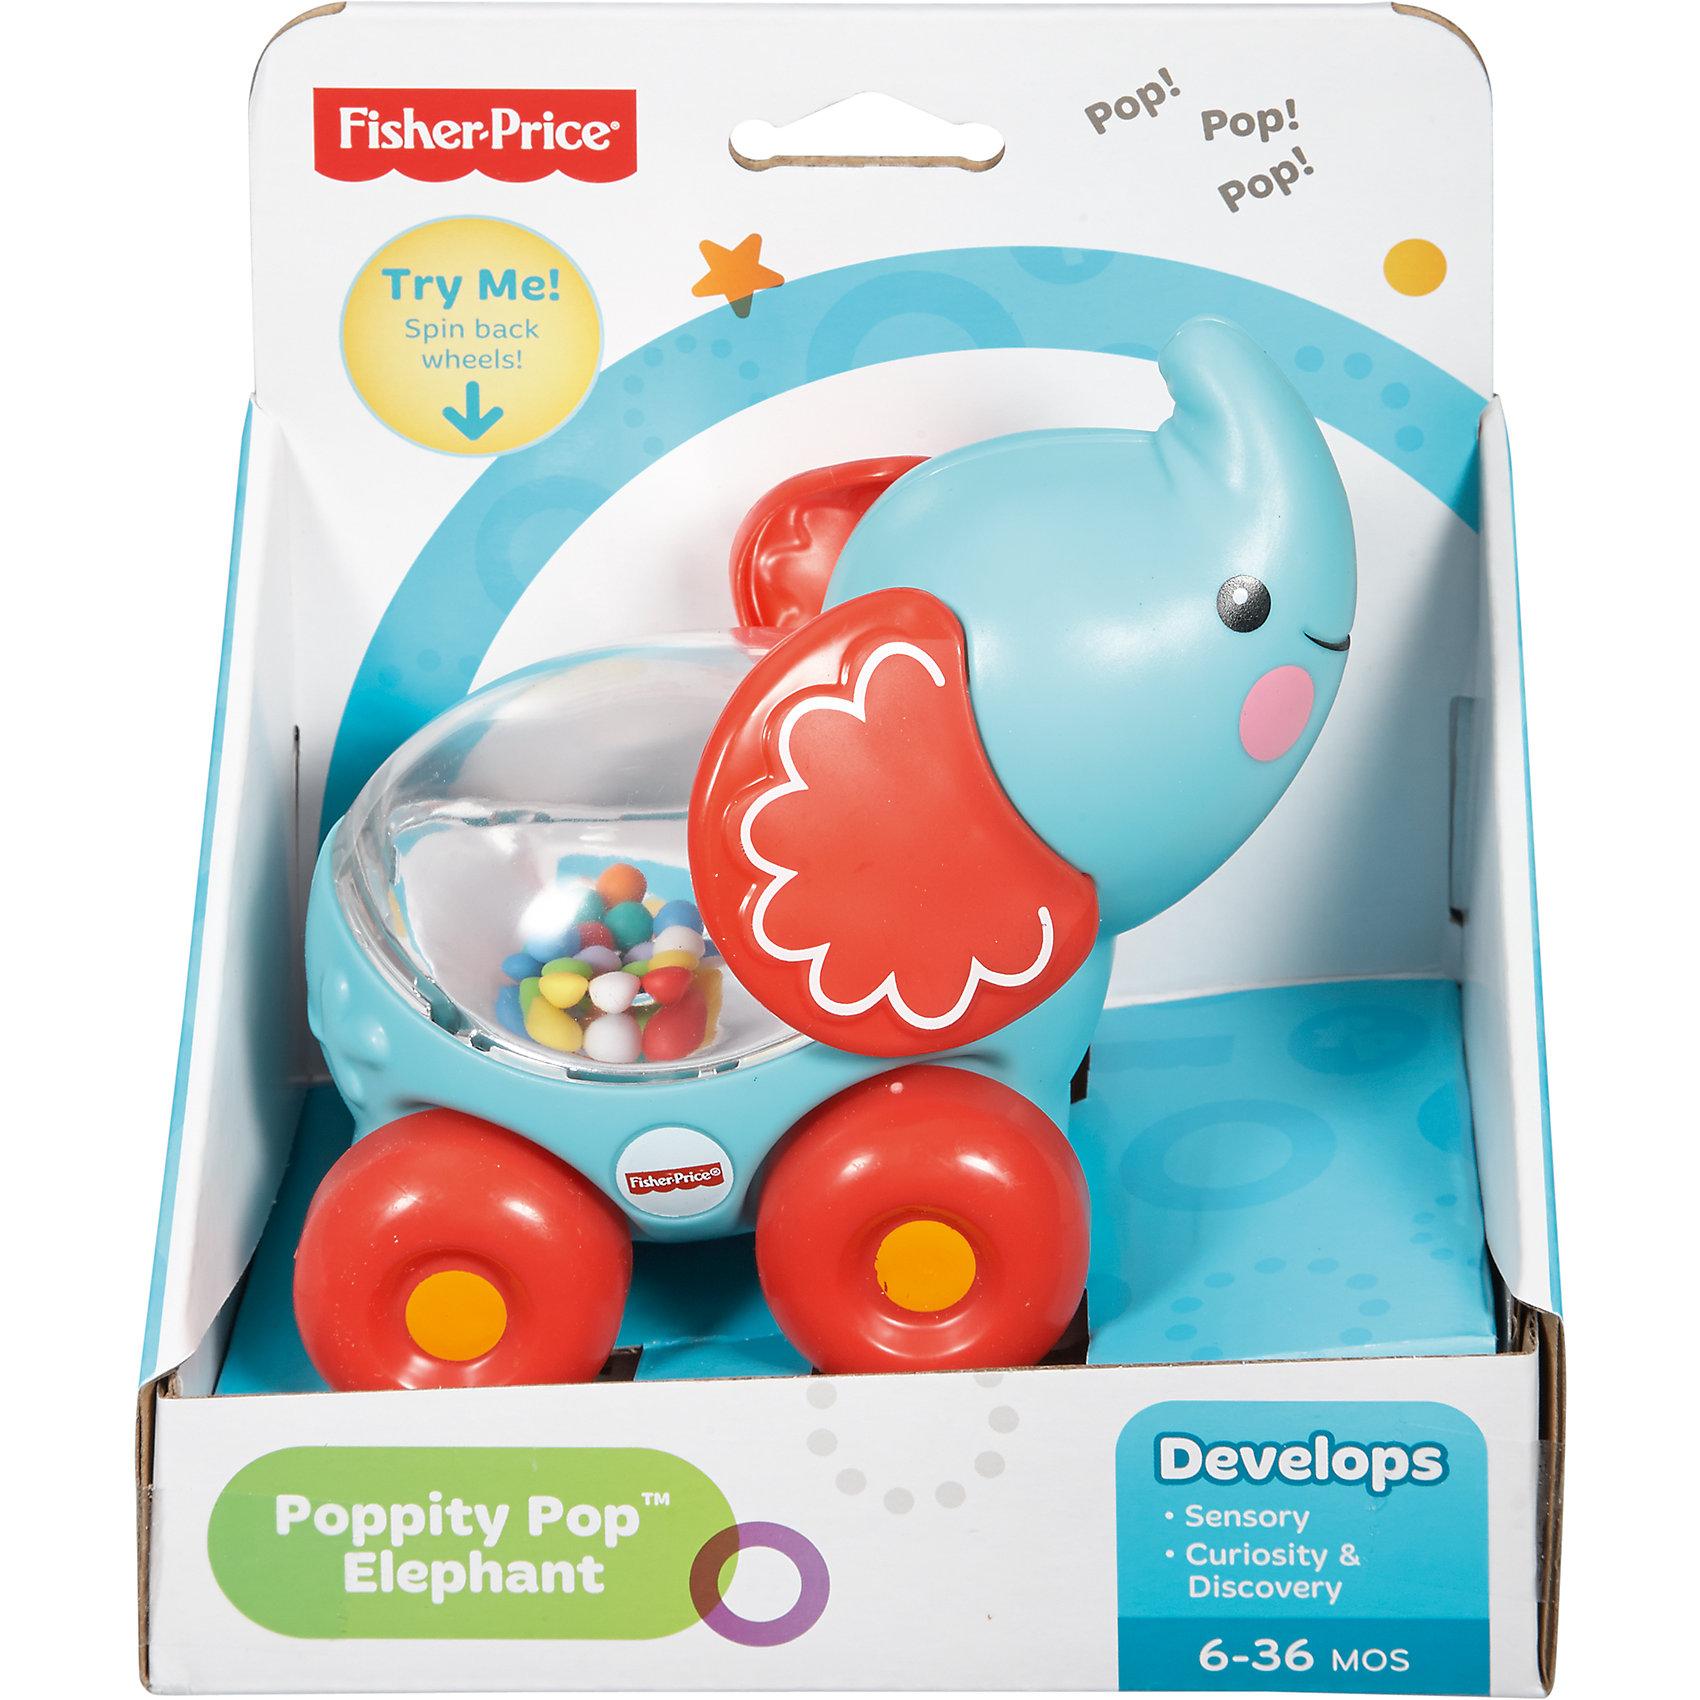 Веселый слоненок с прыгающими шариками, Fisher-PriceРазвивающие игрушки<br>Характеристики детской каталки «Веселый слоненок»:<br><br>• тип игрушки: каталка на колесиках;<br>• оформление игрушки: цветные шарики внутри прозрачного контейнера;<br>• звуковое сопровождение: эффект трещотки;<br>• материал: пластик;<br>• размер упаковки: 19х31х20 см;<br>• вес в упаковке: 200 г.<br><br>Развивающая игрушка Fisher-Price для малыша представлена в виде слоненка, у которого на спинке имеется прозрачный контейнер с зеркальным дном. Внутри контейнера находятся цветные шарики, которые создают эффект трещотки во время движения игрушки. В процессе игры развивается наблюдательность, слуховое восприятие, координация движений. <br><br>Веселого слоненка с прыгающими шариками, Fisher-Price можно купить в нашем интернет-магазине.<br><br>Ширина мм: 150<br>Глубина мм: 95<br>Высота мм: 165<br>Вес г: 200<br>Возраст от месяцев: 6<br>Возраст до месяцев: 36<br>Пол: Унисекс<br>Возраст: Детский<br>SKU: 5285013